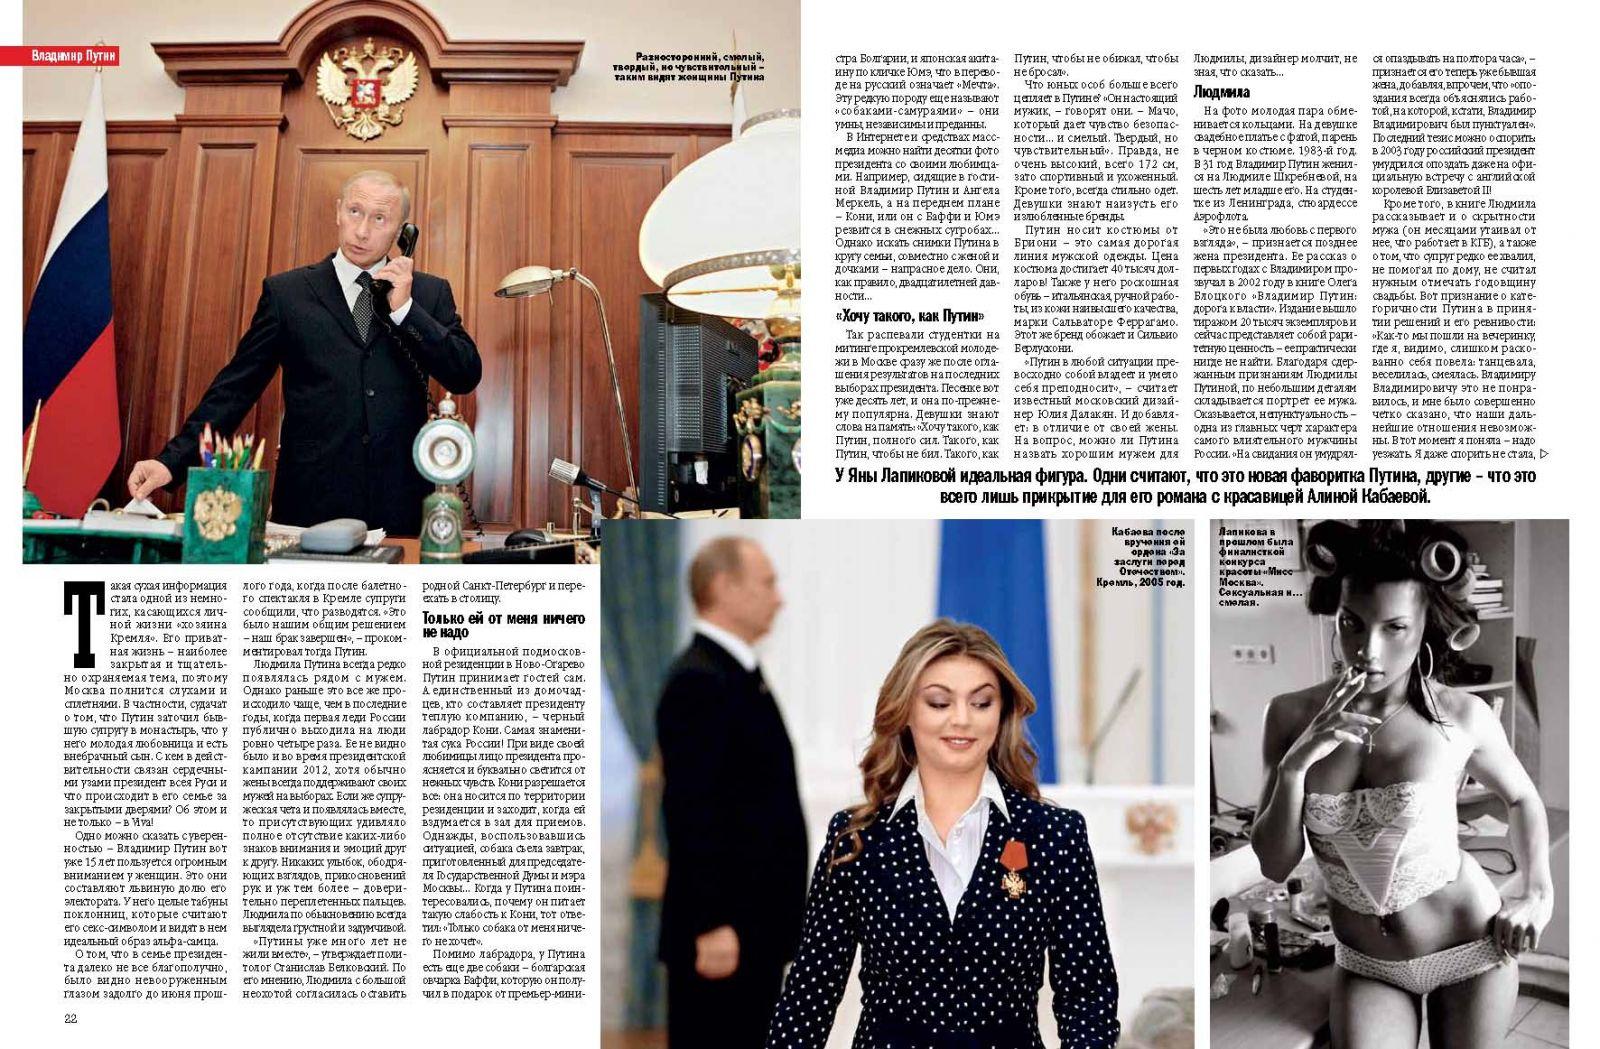 Владимир Путин, Алина Кабаева, Яна Лапикова